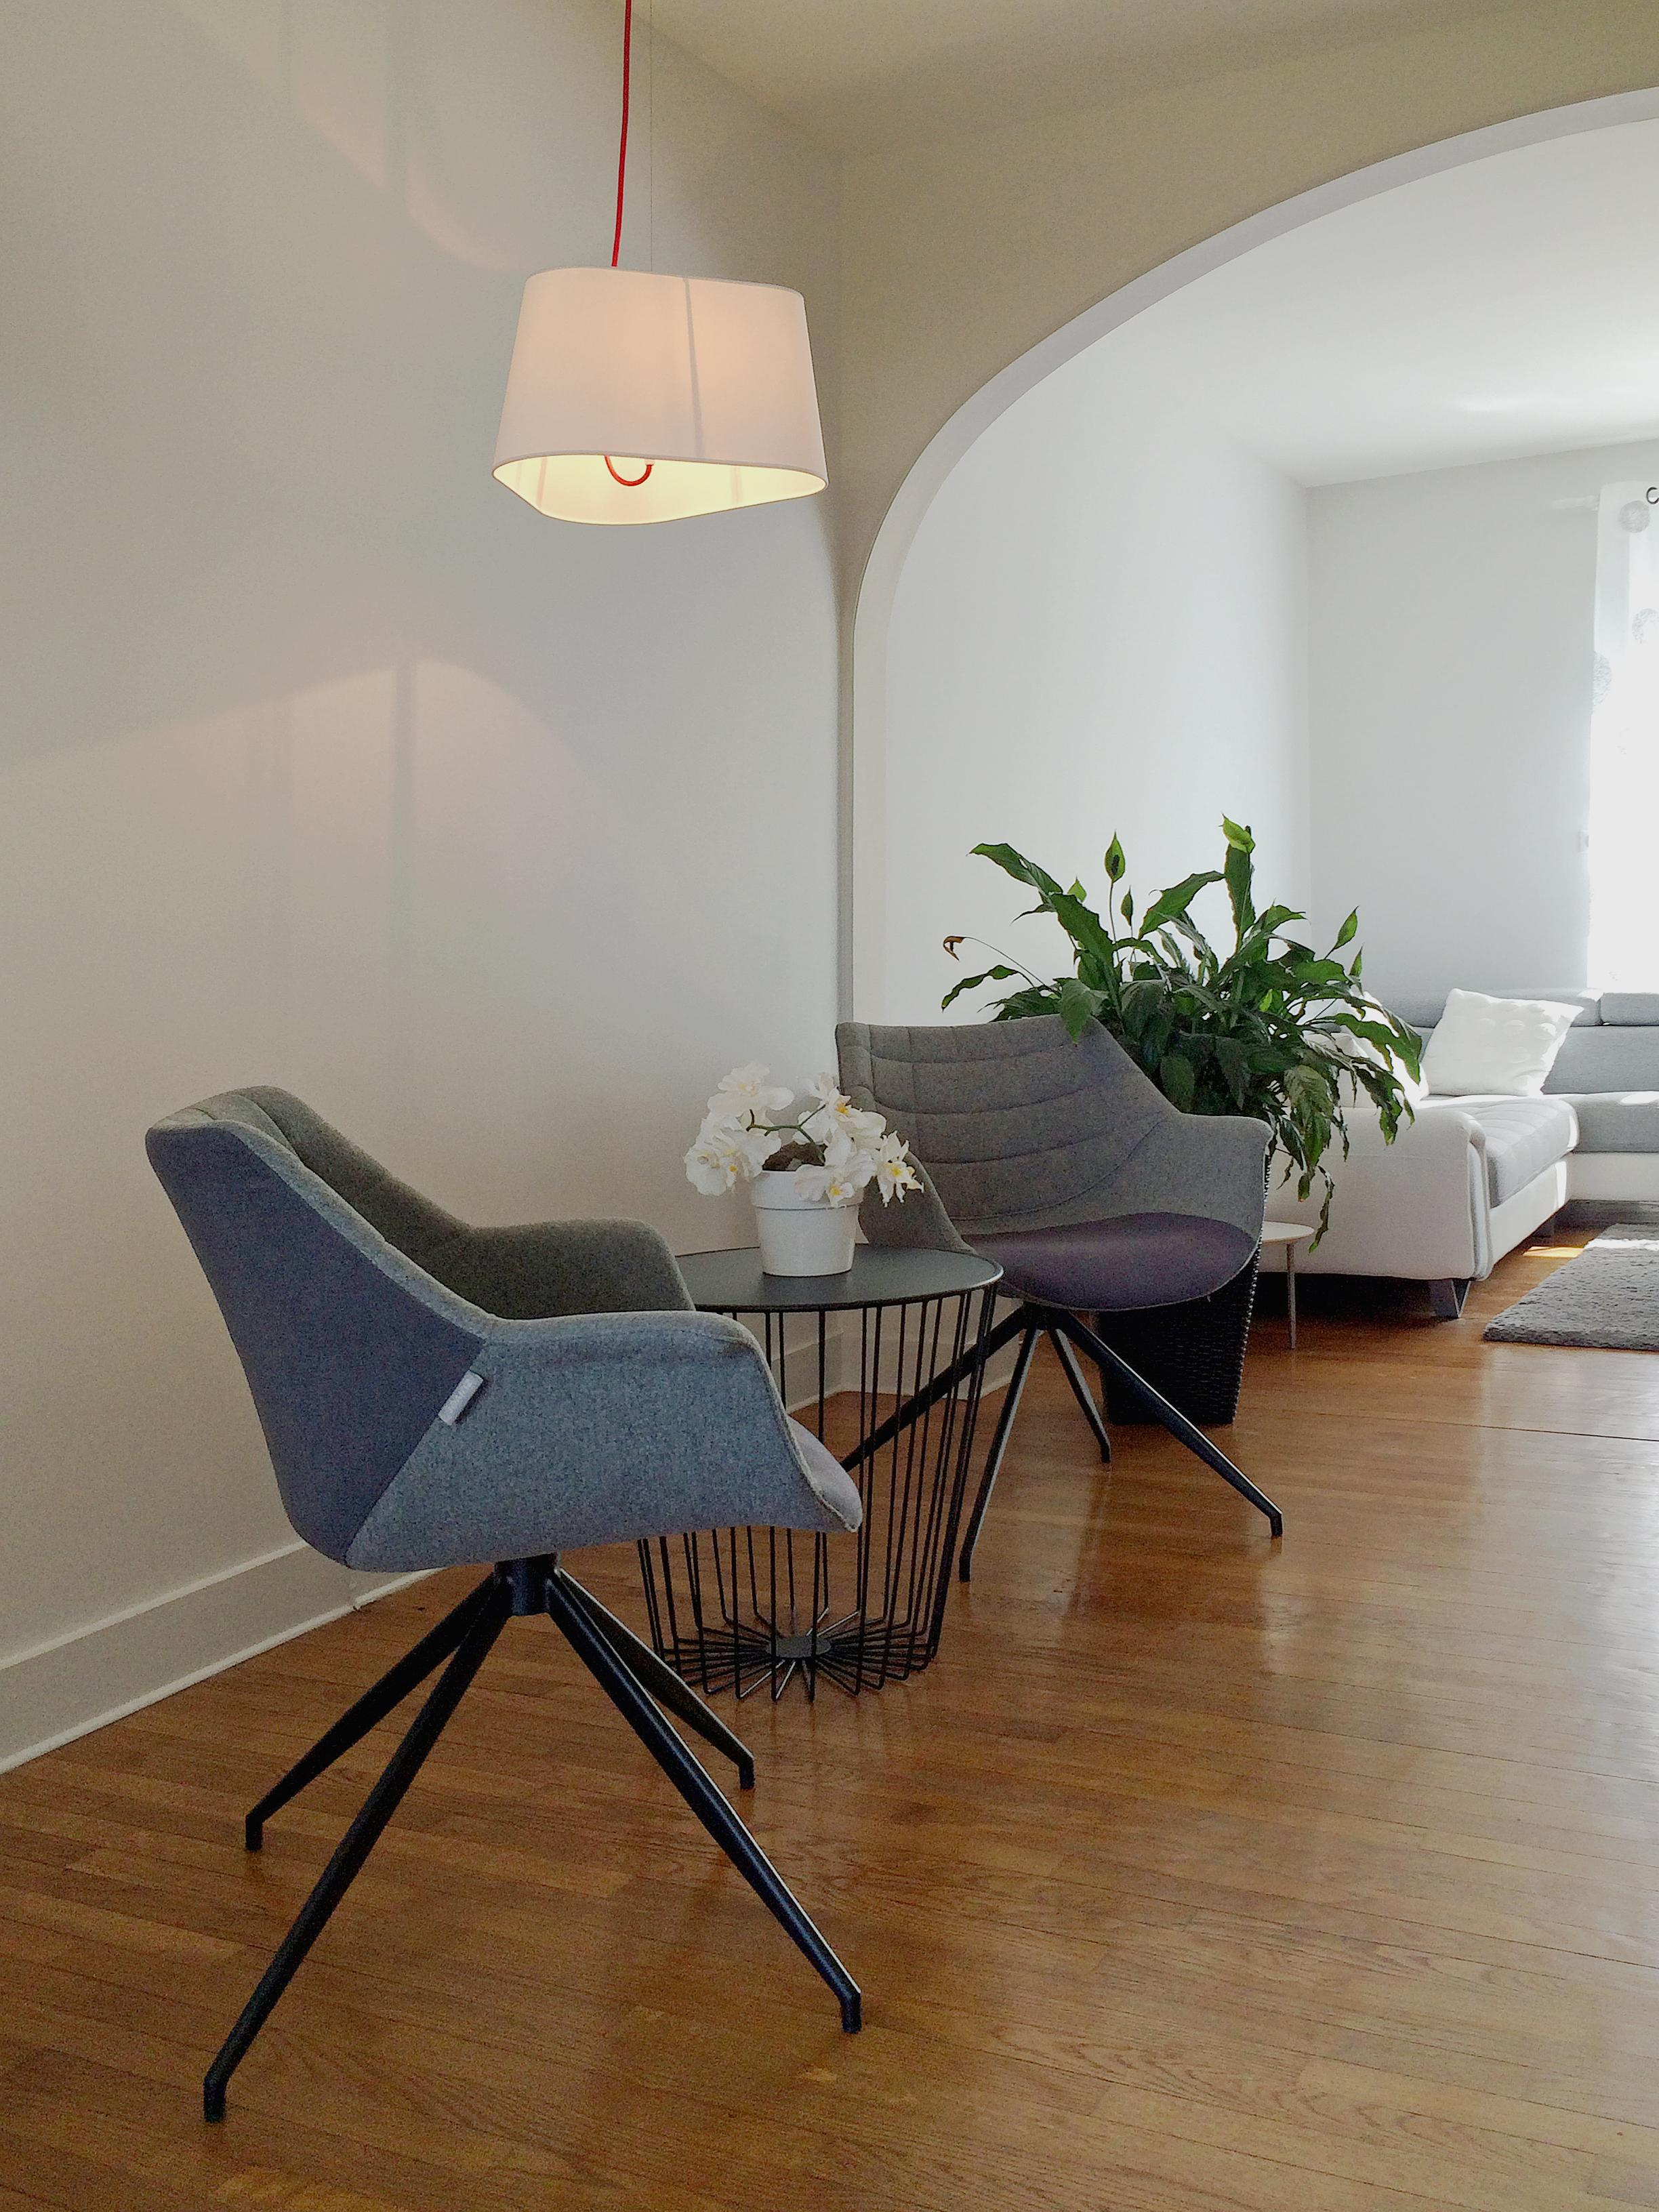 Architecte d'intérieur - Réaménagement cuisine, salon et séjour - Angoulême